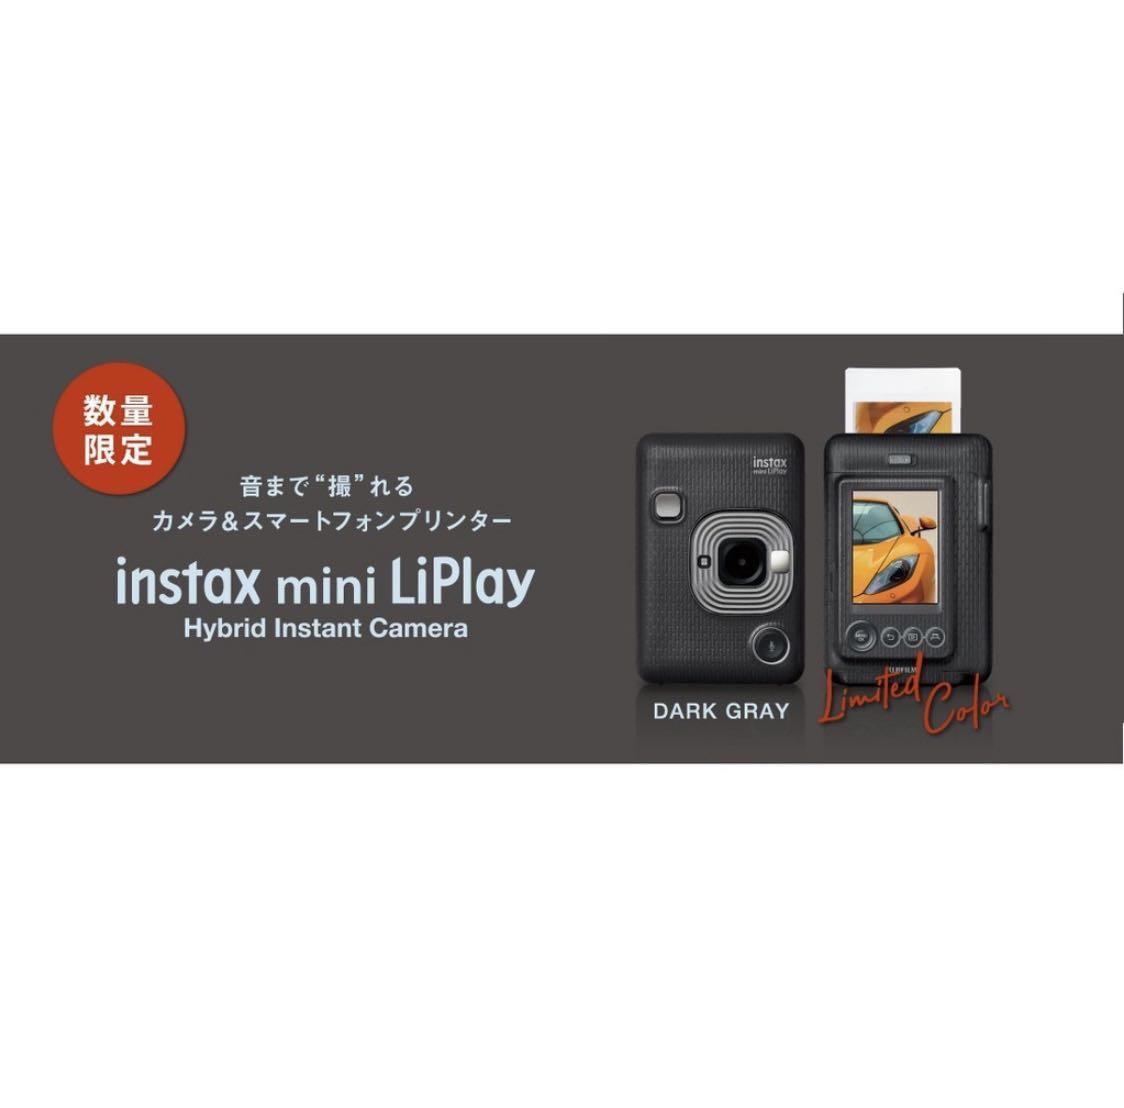 限量✨黑灰色❣️FUJIFILM 富士 拍立得相機  instax mini Liplay  相印機